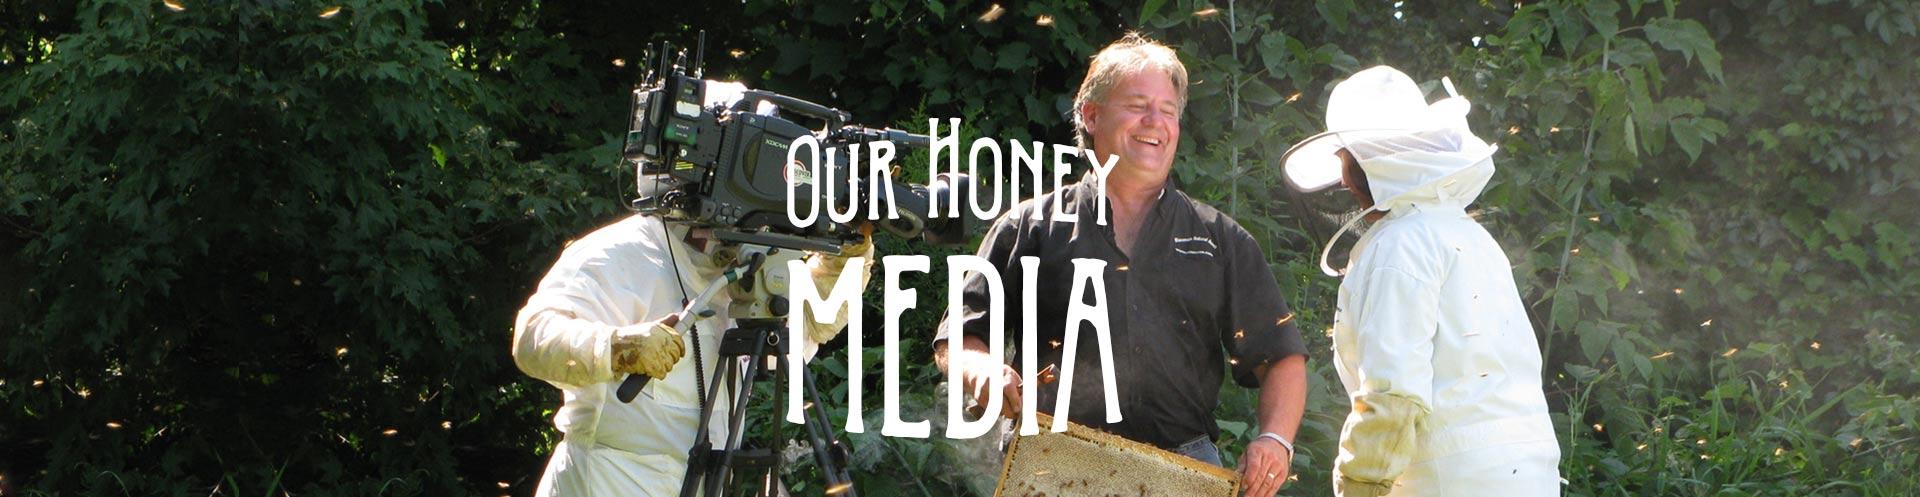 our-honey-media-banner